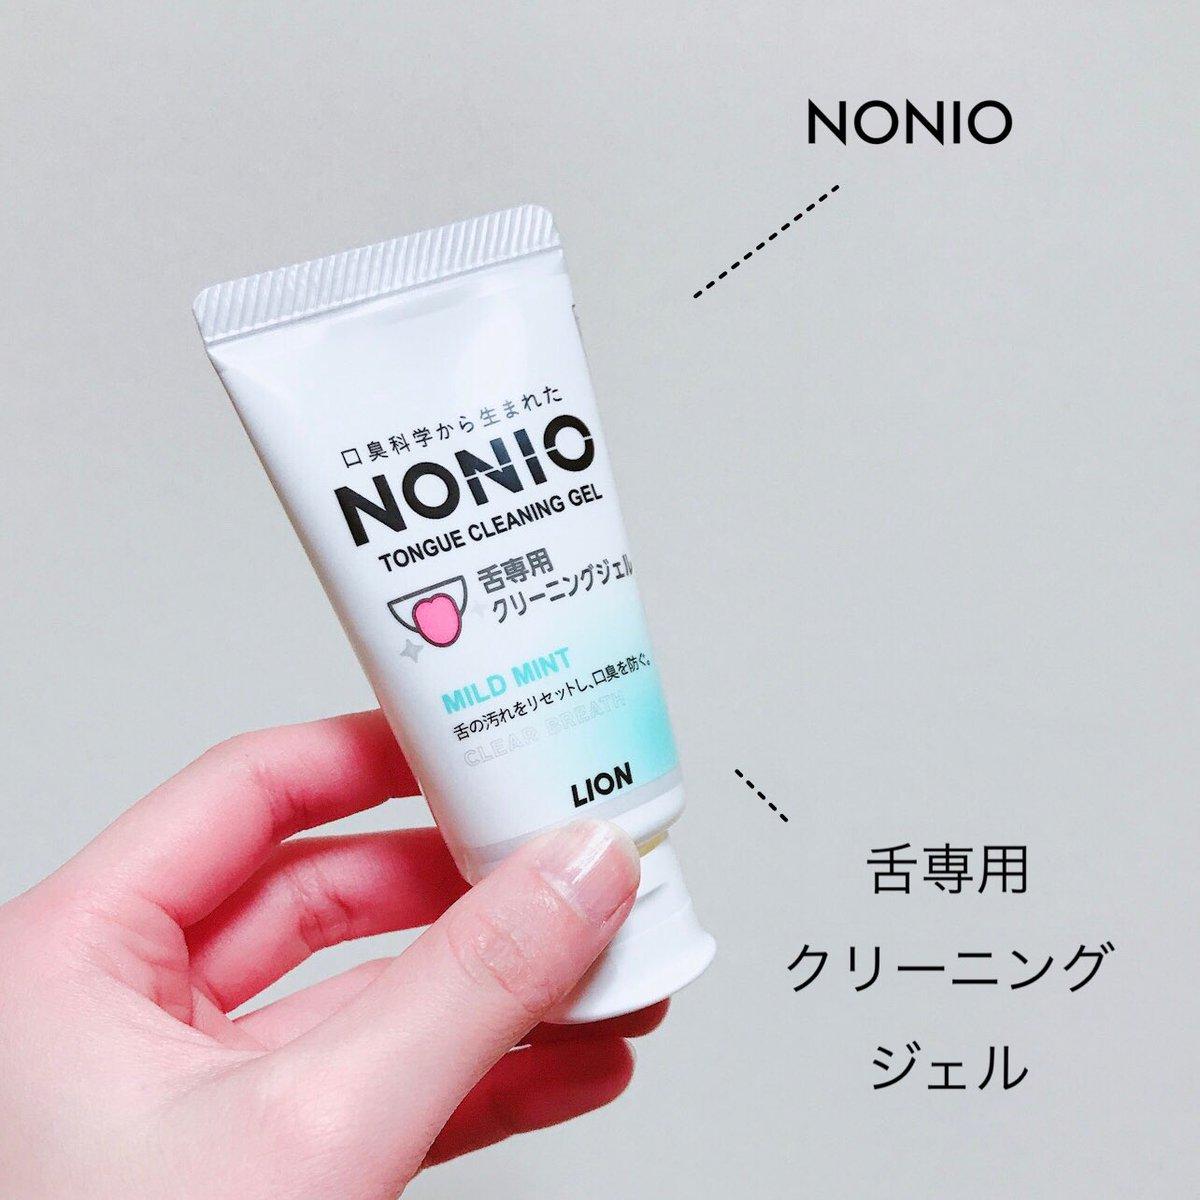 ノニオ 評価